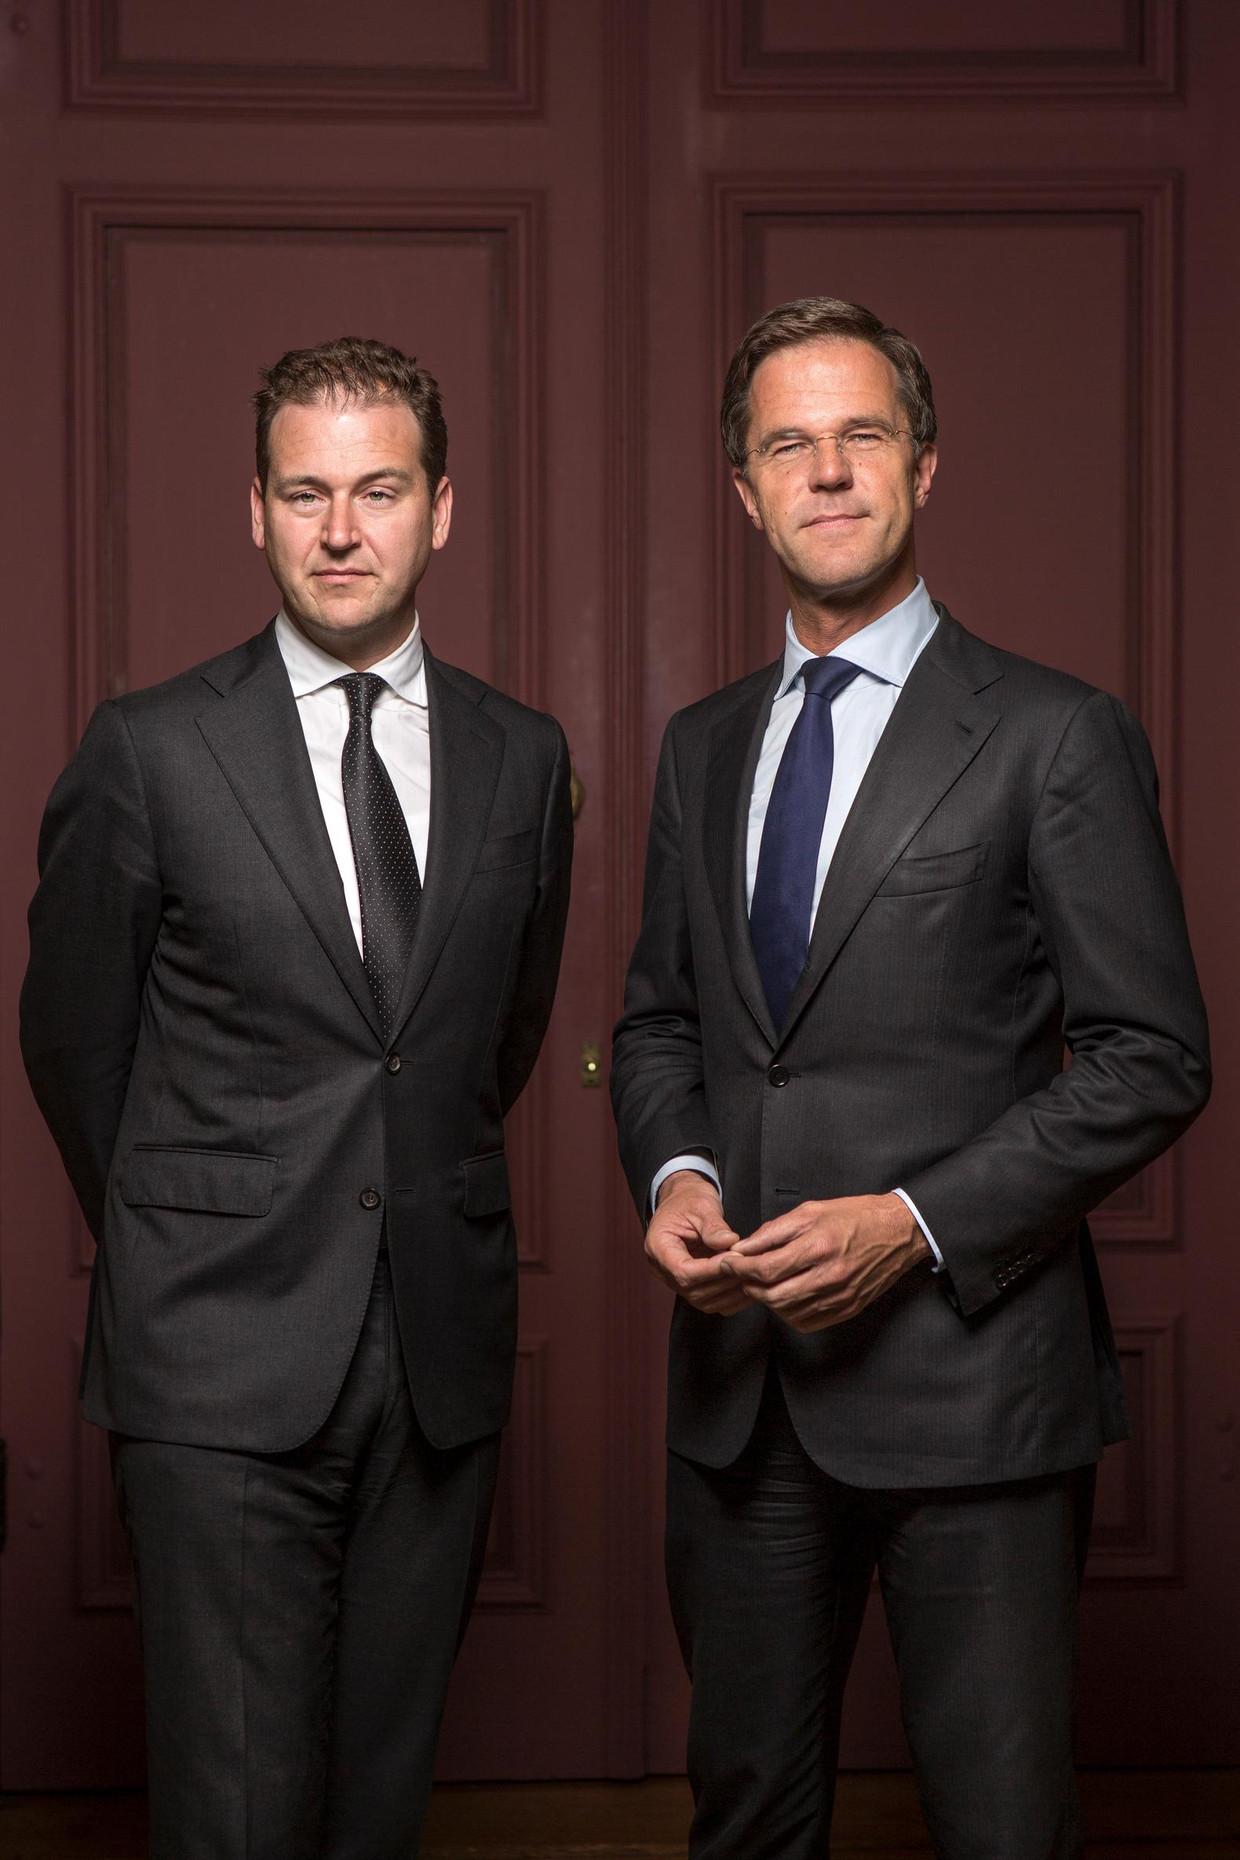 Lodewijk Asscher en Mark Rutte in 2017. Beeld Mike Roelofs